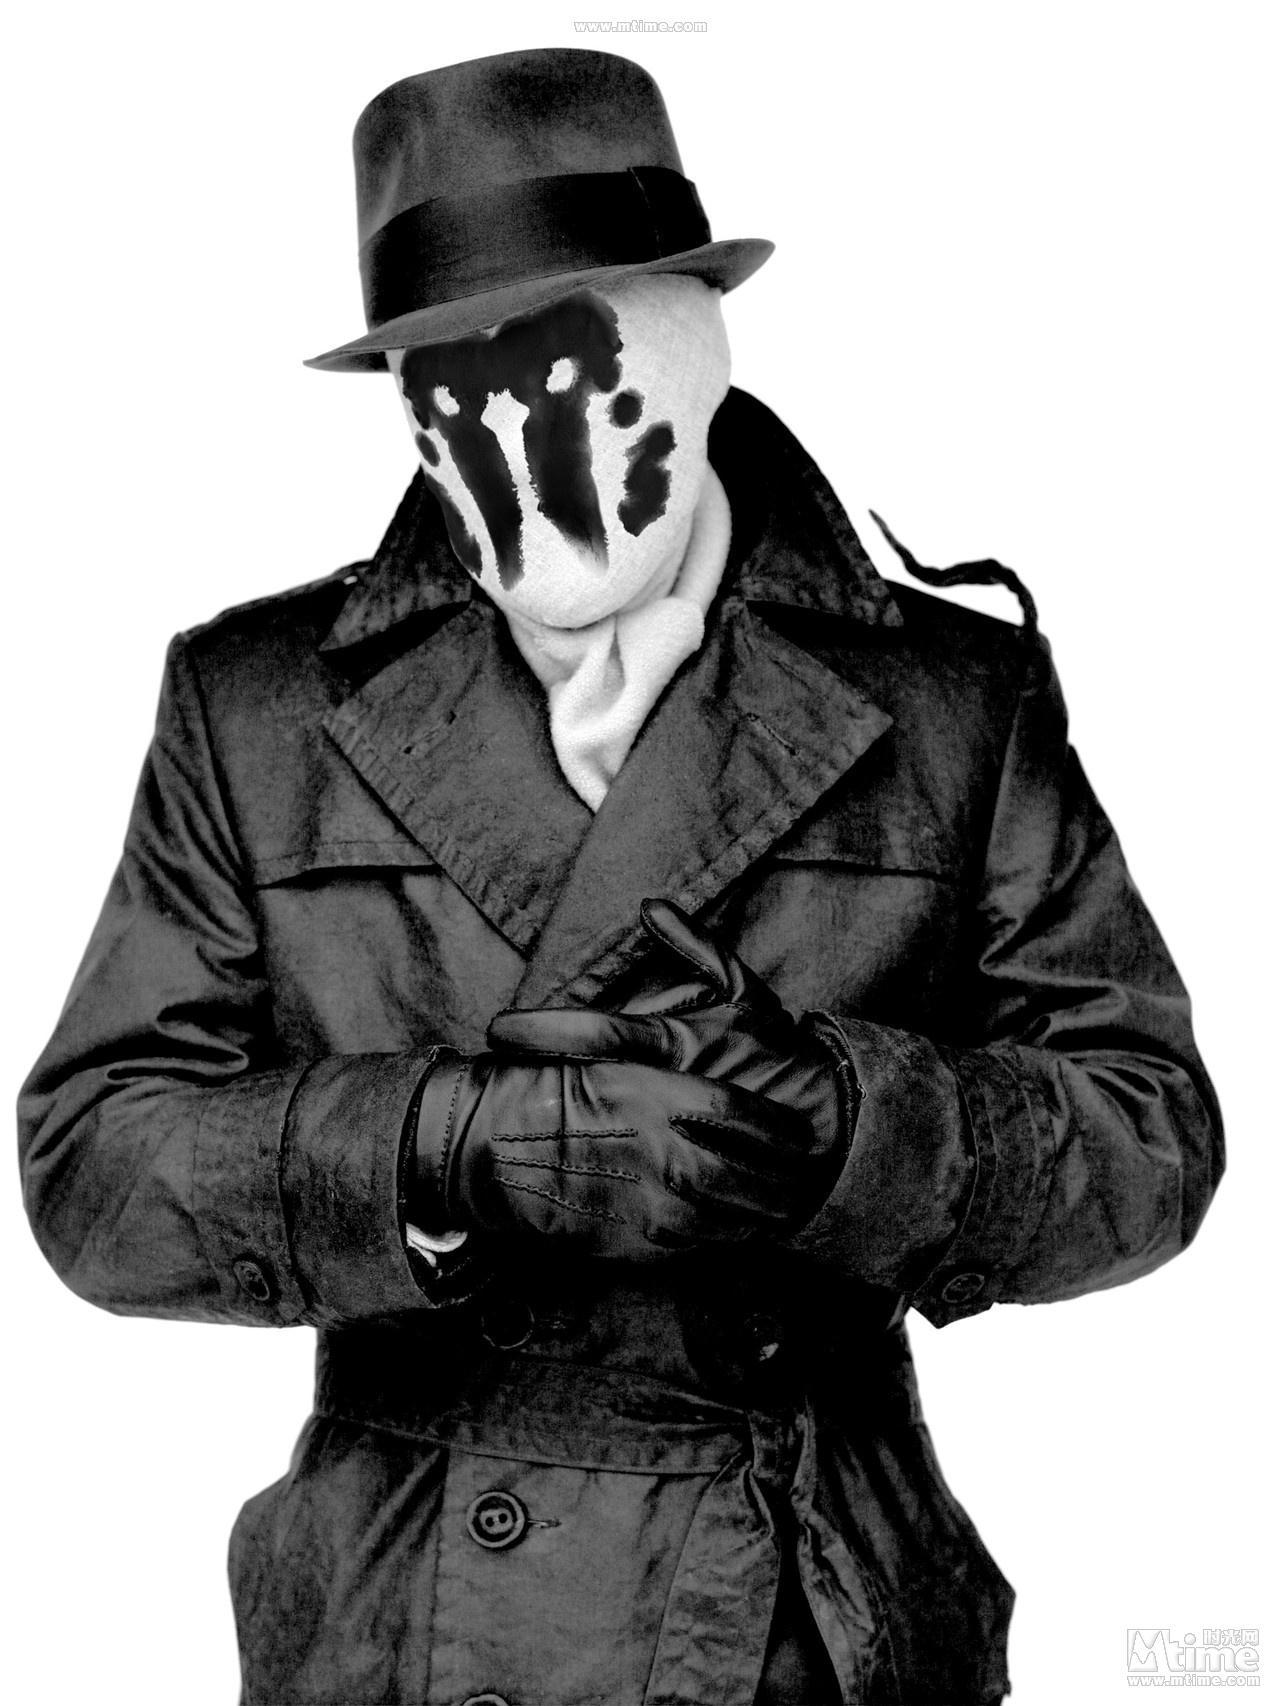 罗夏/我所说的罗夏面具,不是罗夏墨迹测验,电影里的一个人物角色,...